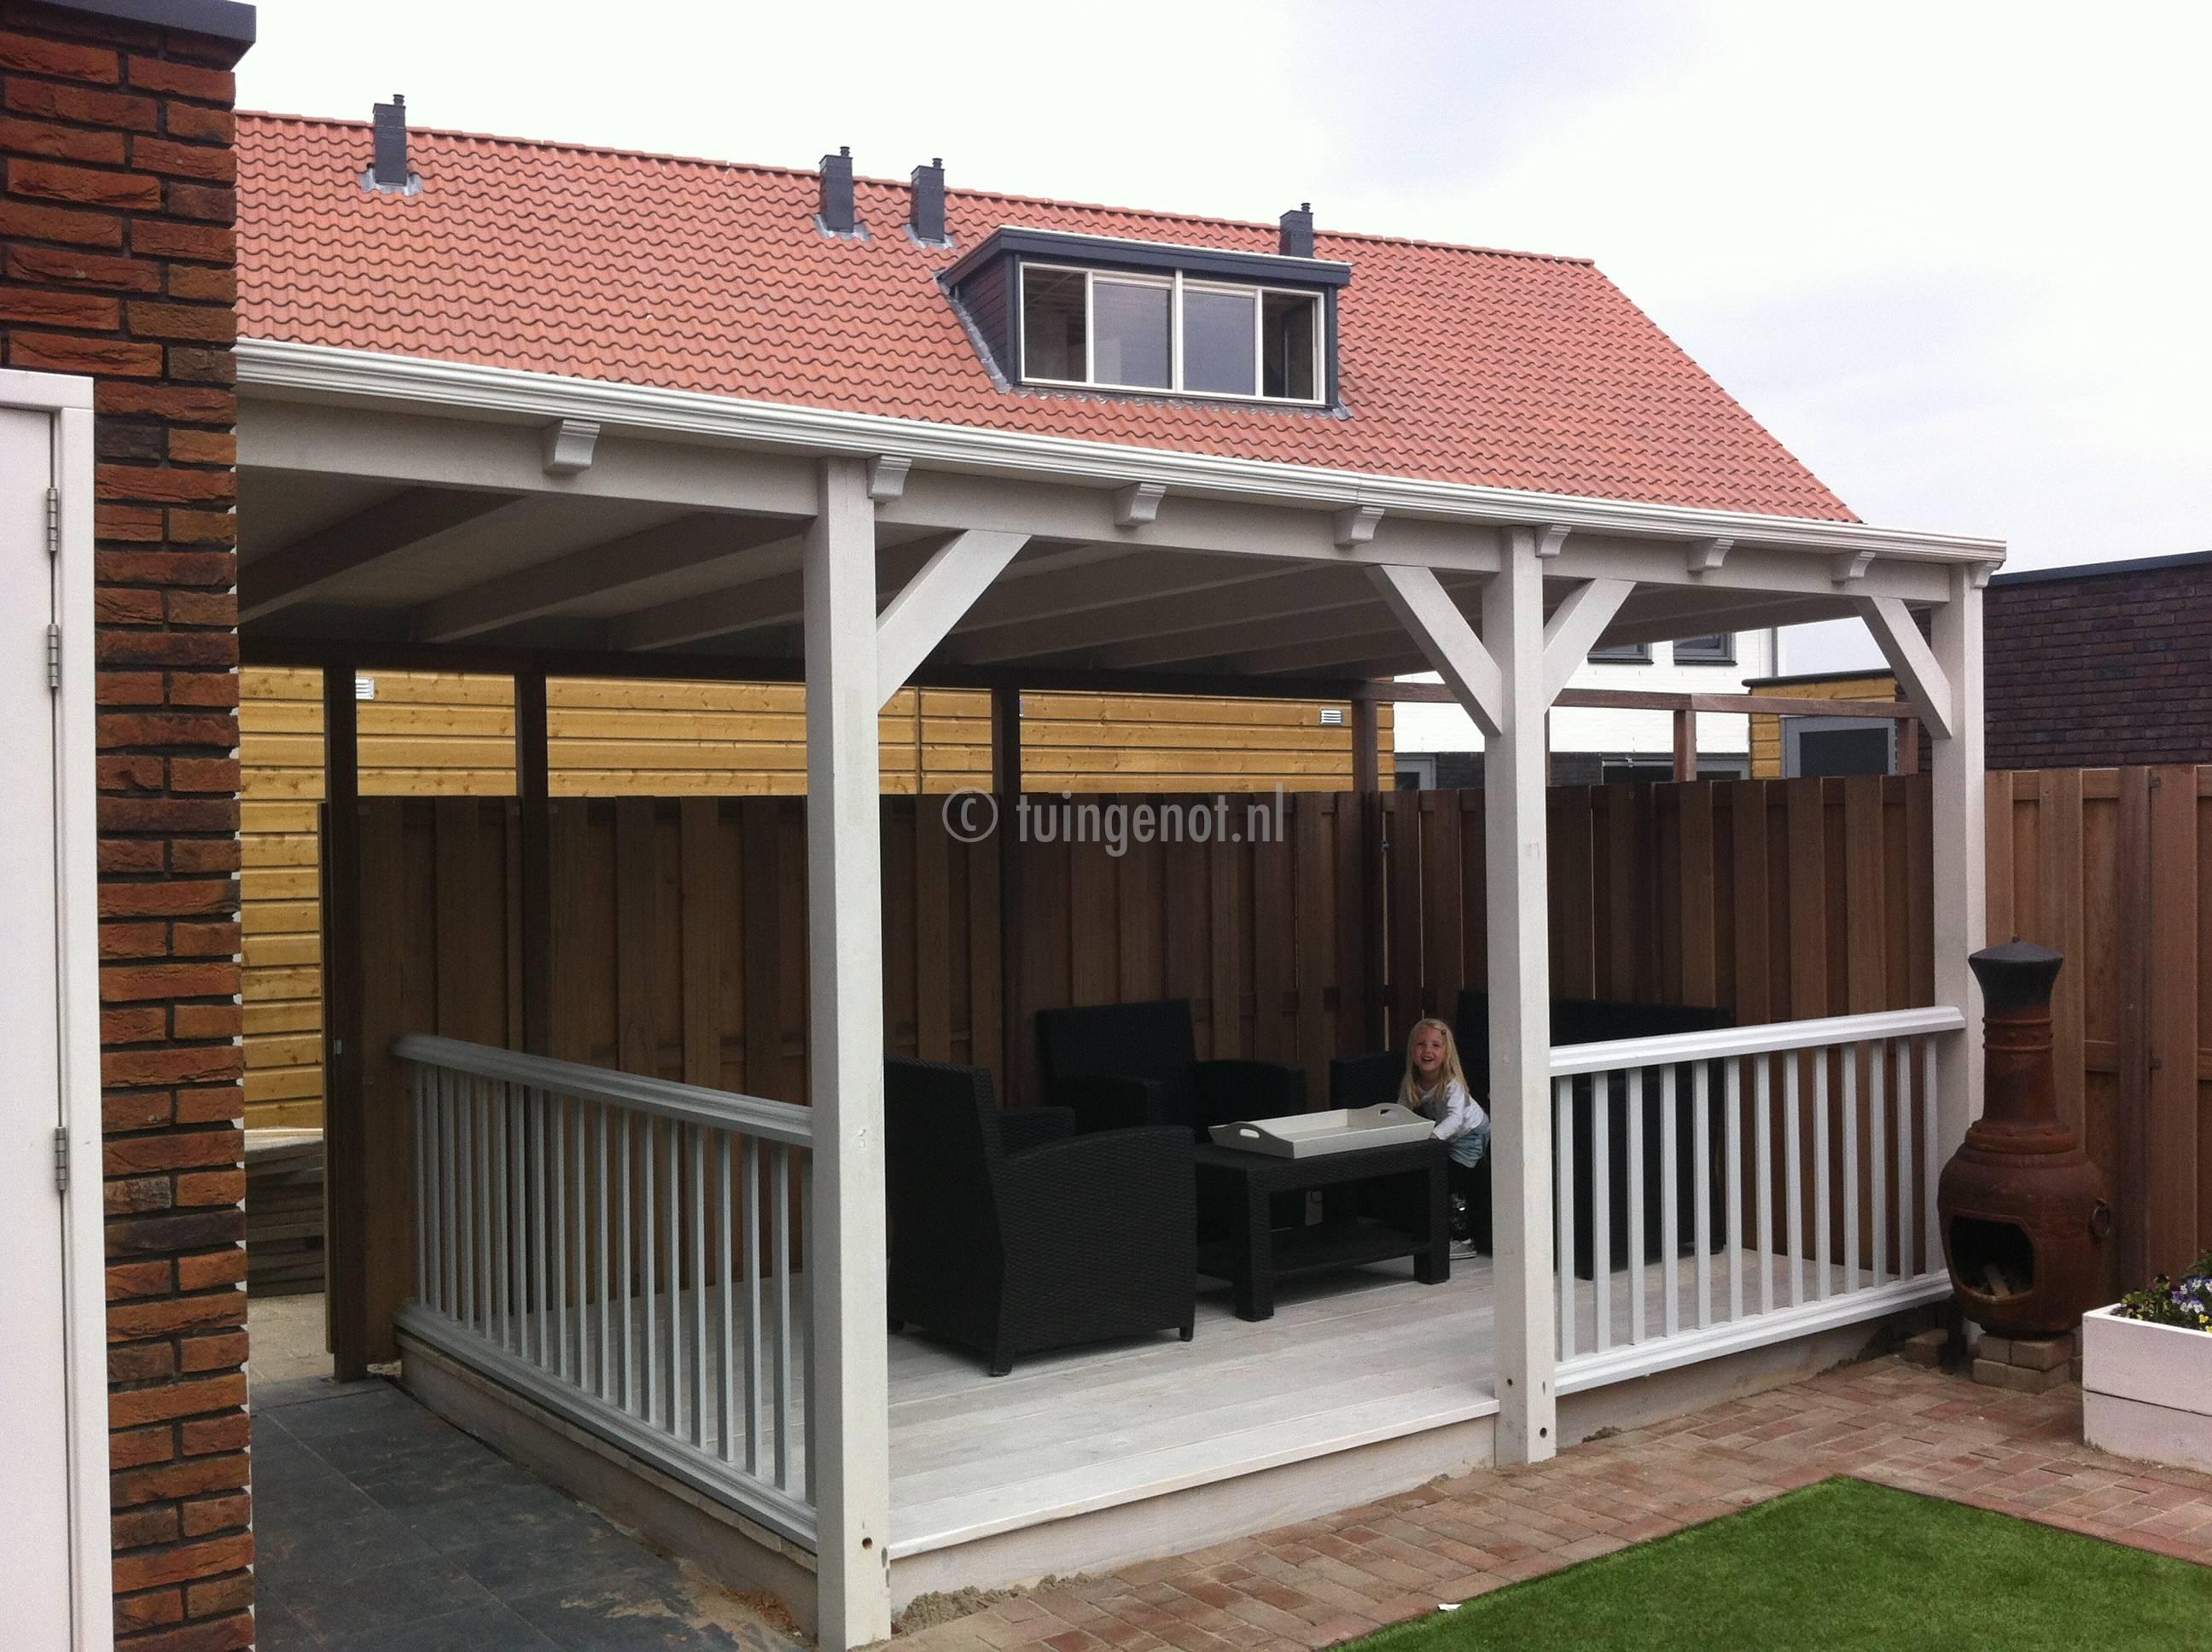 Tuingenot tuingenot hardhouten meranti veranda voor een strak schilderwerk keuze uit glazen - Veranda met dakpan ...